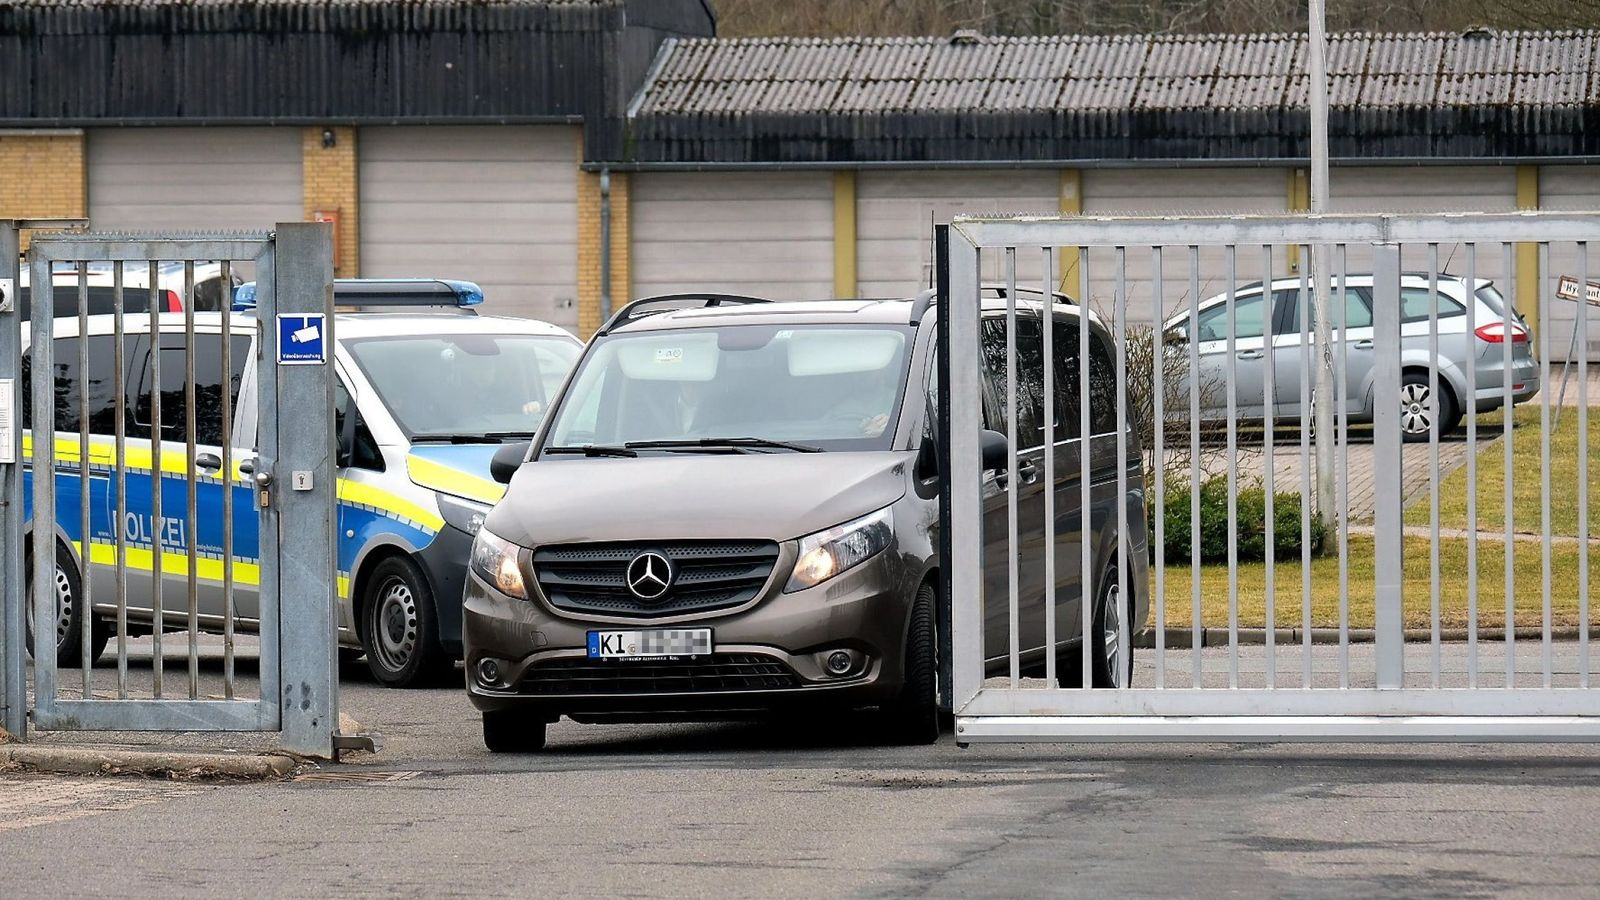 Foto: Una furgoneta traslada al expresidente Carles Puigdemont a la prisión de Neumünster, en Alemania. (Reuters)